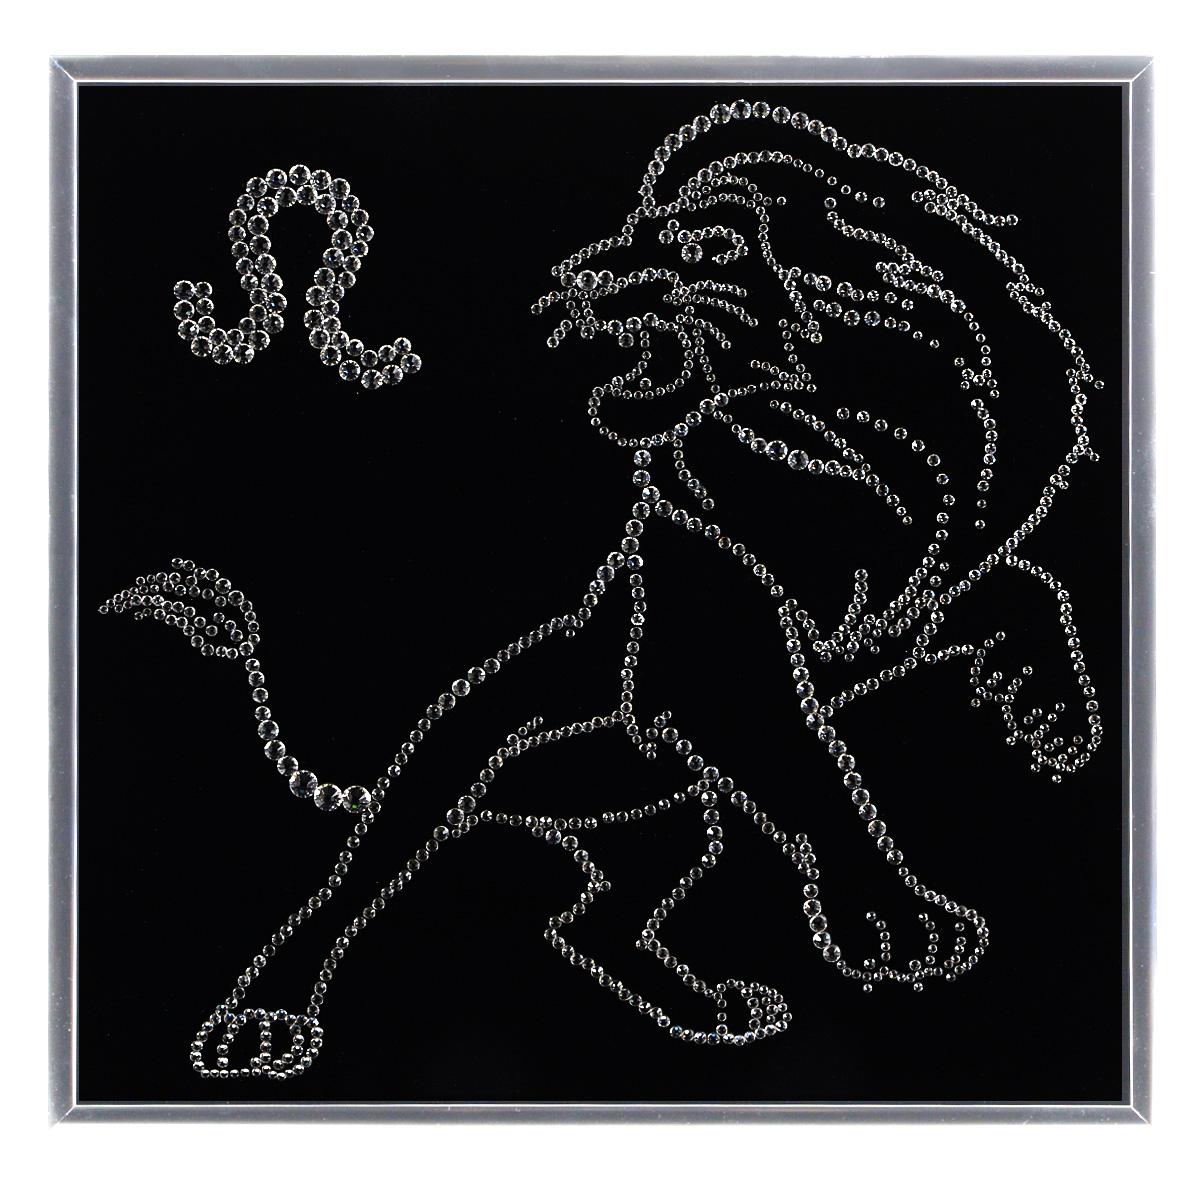 Картина с кристаллами Swarovski Знак зодиака. Лев, 25 х 25 смRG-D31SИзящная картина в металлической раме, инкрустирована кристаллами Swarovski в виде созвездия знака зодиака - лев. Кристаллы Swarovski отличаются четкой и ровной огранкой, ярким блеском и чистотой цвета. Под стеклом картина оформлена бархатистой тканью, что прекрасно дополняет блеск кристаллов. С обратной стороны имеется металлическая петелька для размещения картины на стене. Картина с кристаллами Swarovski Знак зодиака. Лев элегантно украсит интерьер дома или офиса, а также станет прекрасным подарком, который обязательно понравится получателю. Блеск кристаллов в интерьере, что может быть сказочнее и удивительнее. Картина упакована в подарочную картонную коробку синего цвета и комплектуется сертификатом соответствия Swarovski.